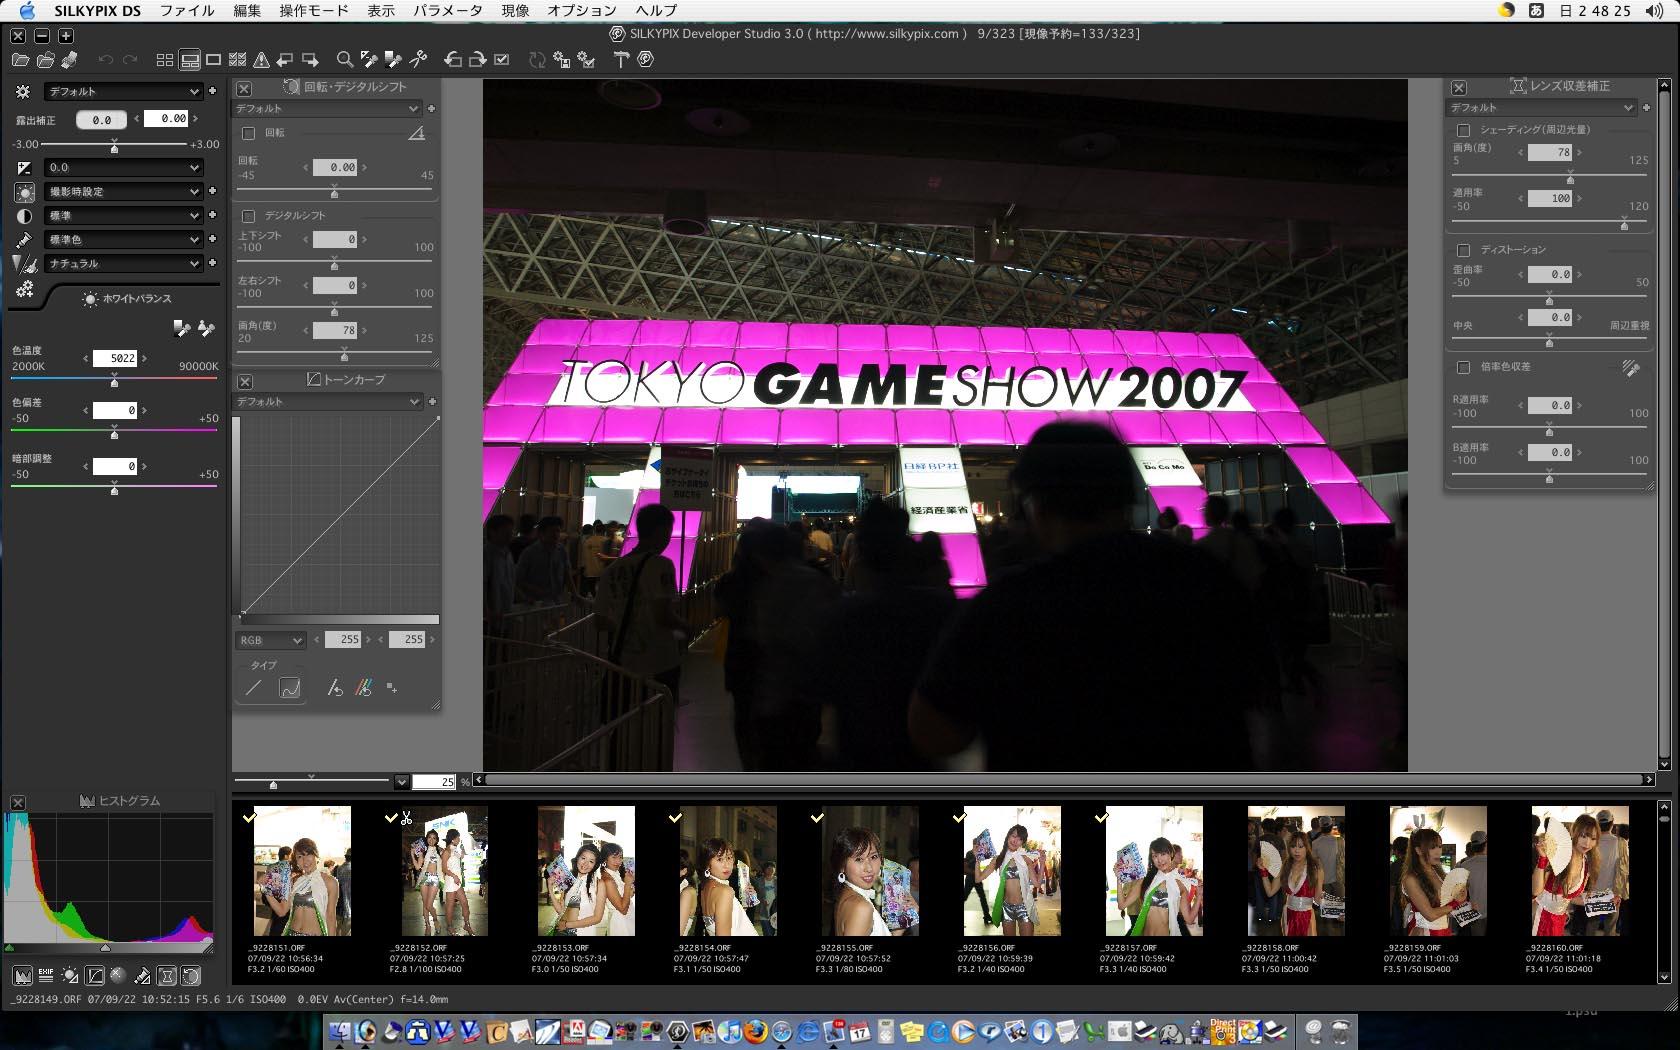 「TOKYO GAME SHOW 2007」_e0096928_322715.jpg